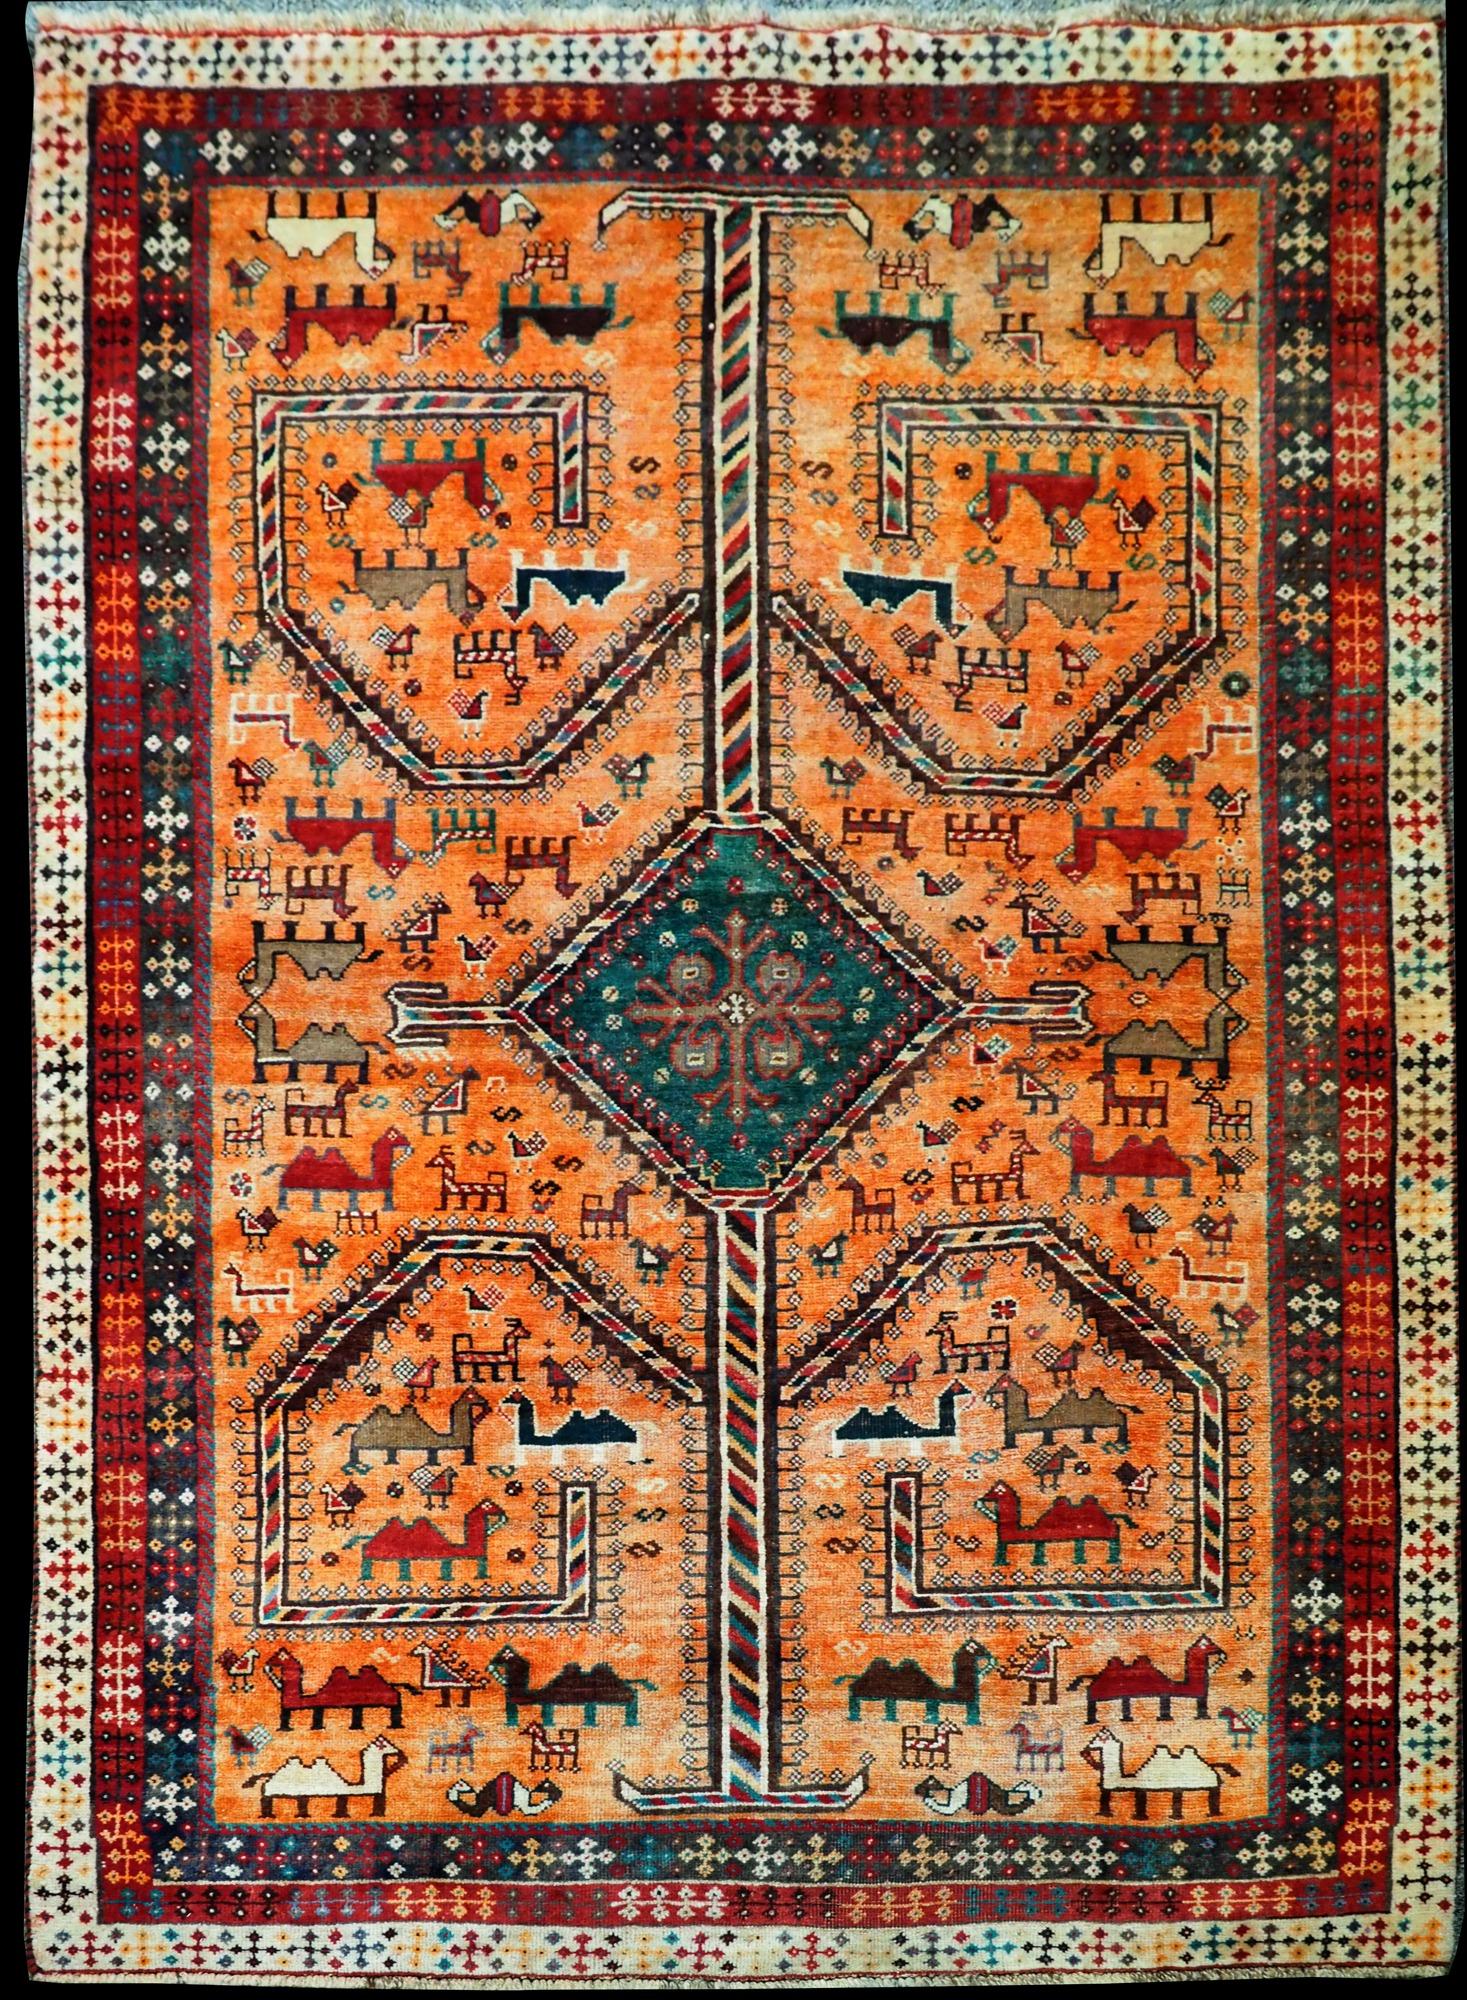 Persian Rug #18-087